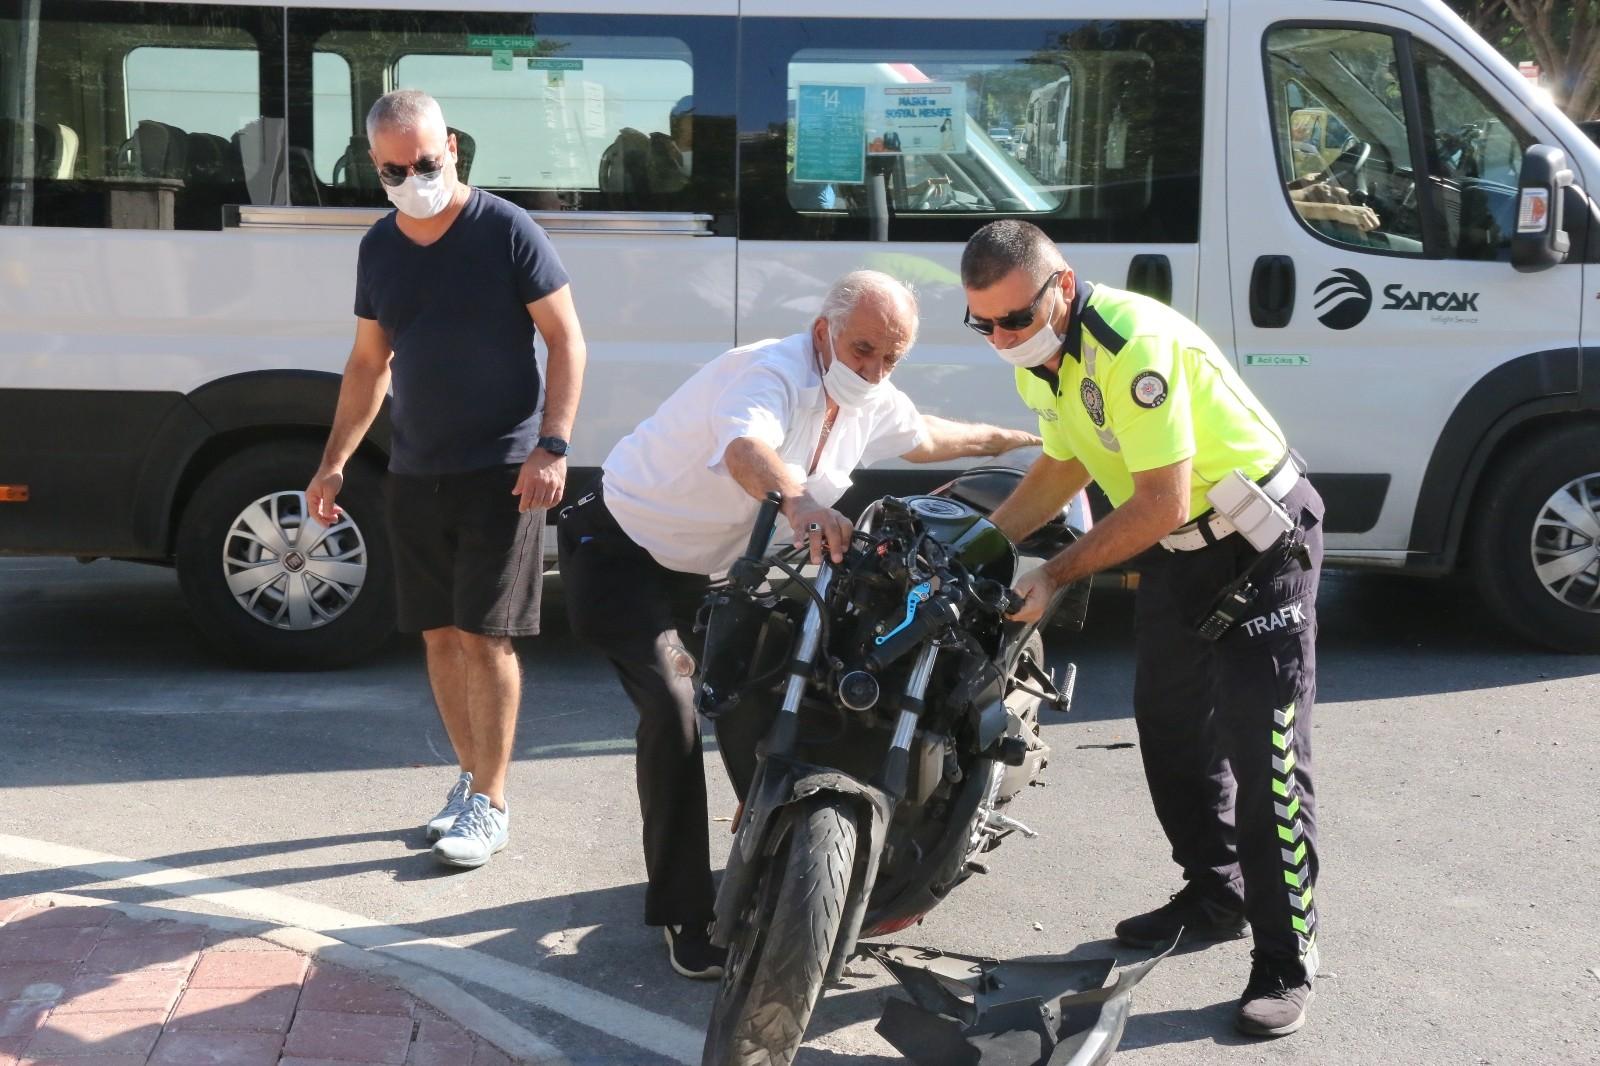 Halk otobüsü ile motosikletin çarpışması sonucu meydana gelen kazada motosiklet sürücüsü yaralandı.